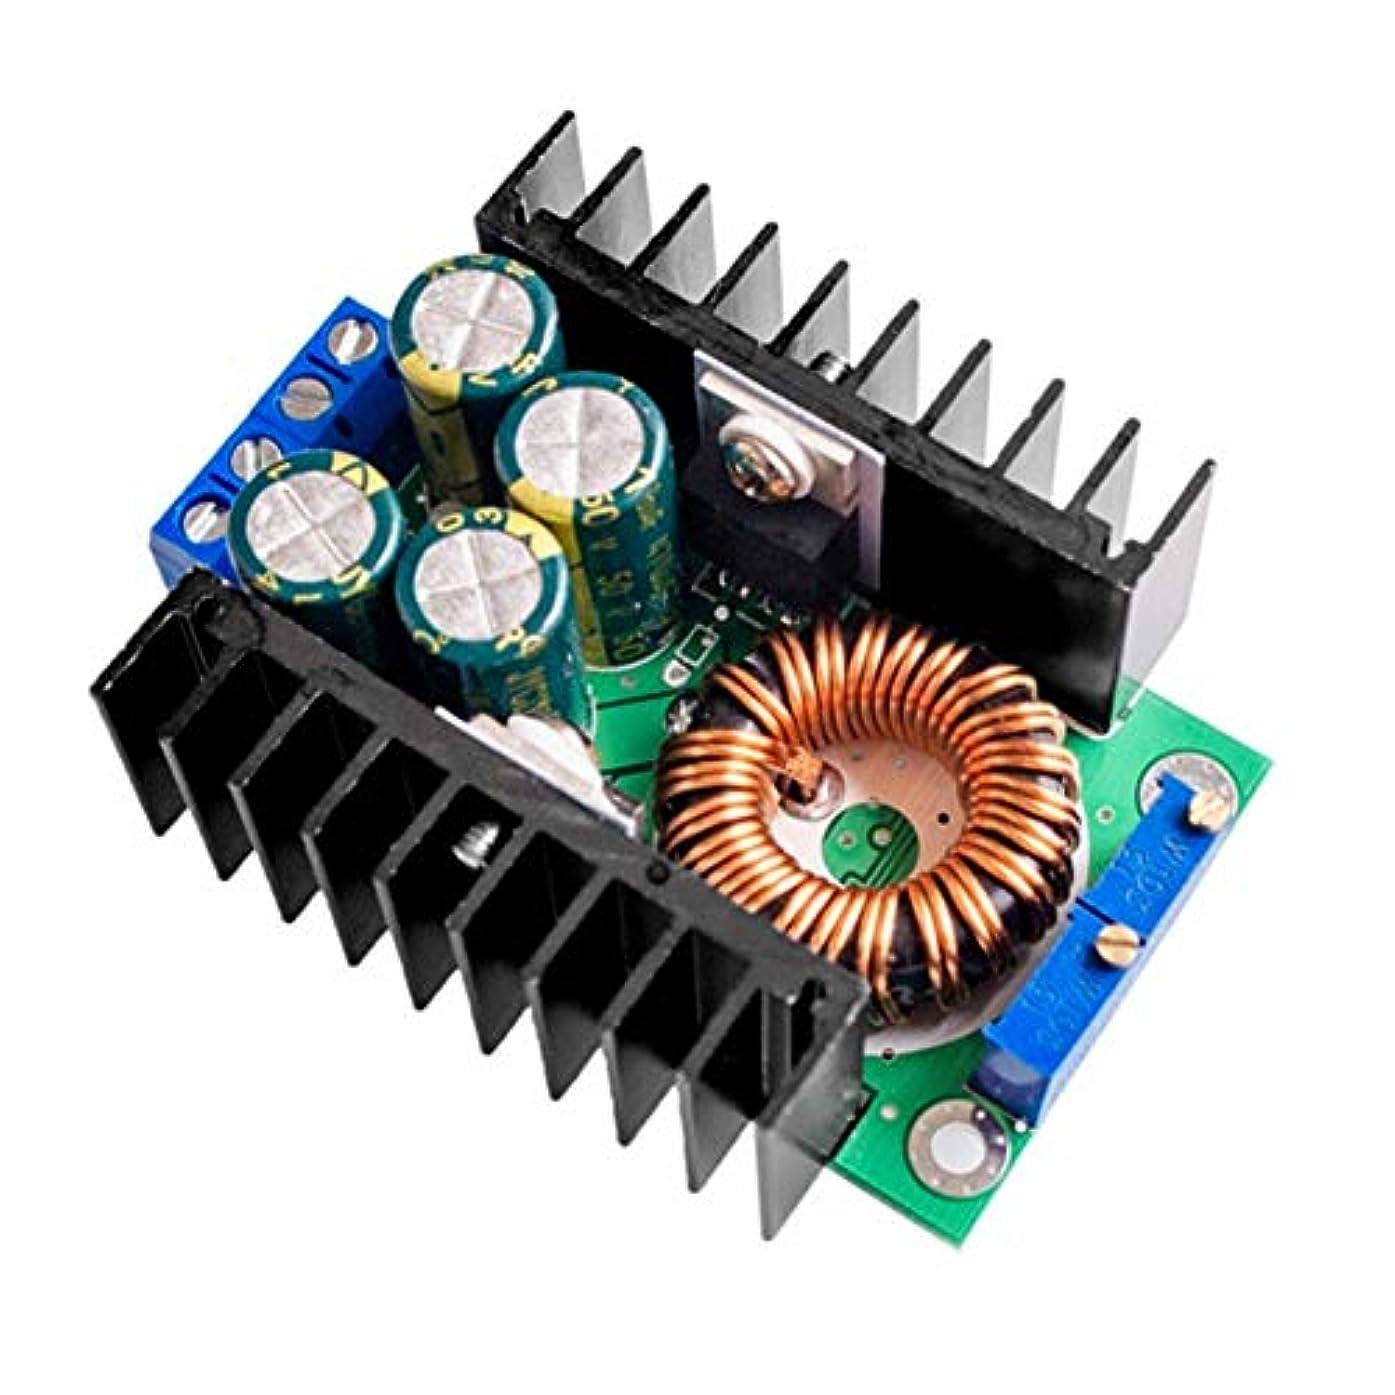 秀でるフォーマットナインへFuntoget パワーモジュール、ヒートベッドパワーモジュール、充電モジュール、降圧型コンバータ、DC-DC CC CV降圧型コンバータ降圧型電源モジュール7-32V?0.8-28V 12A 300W